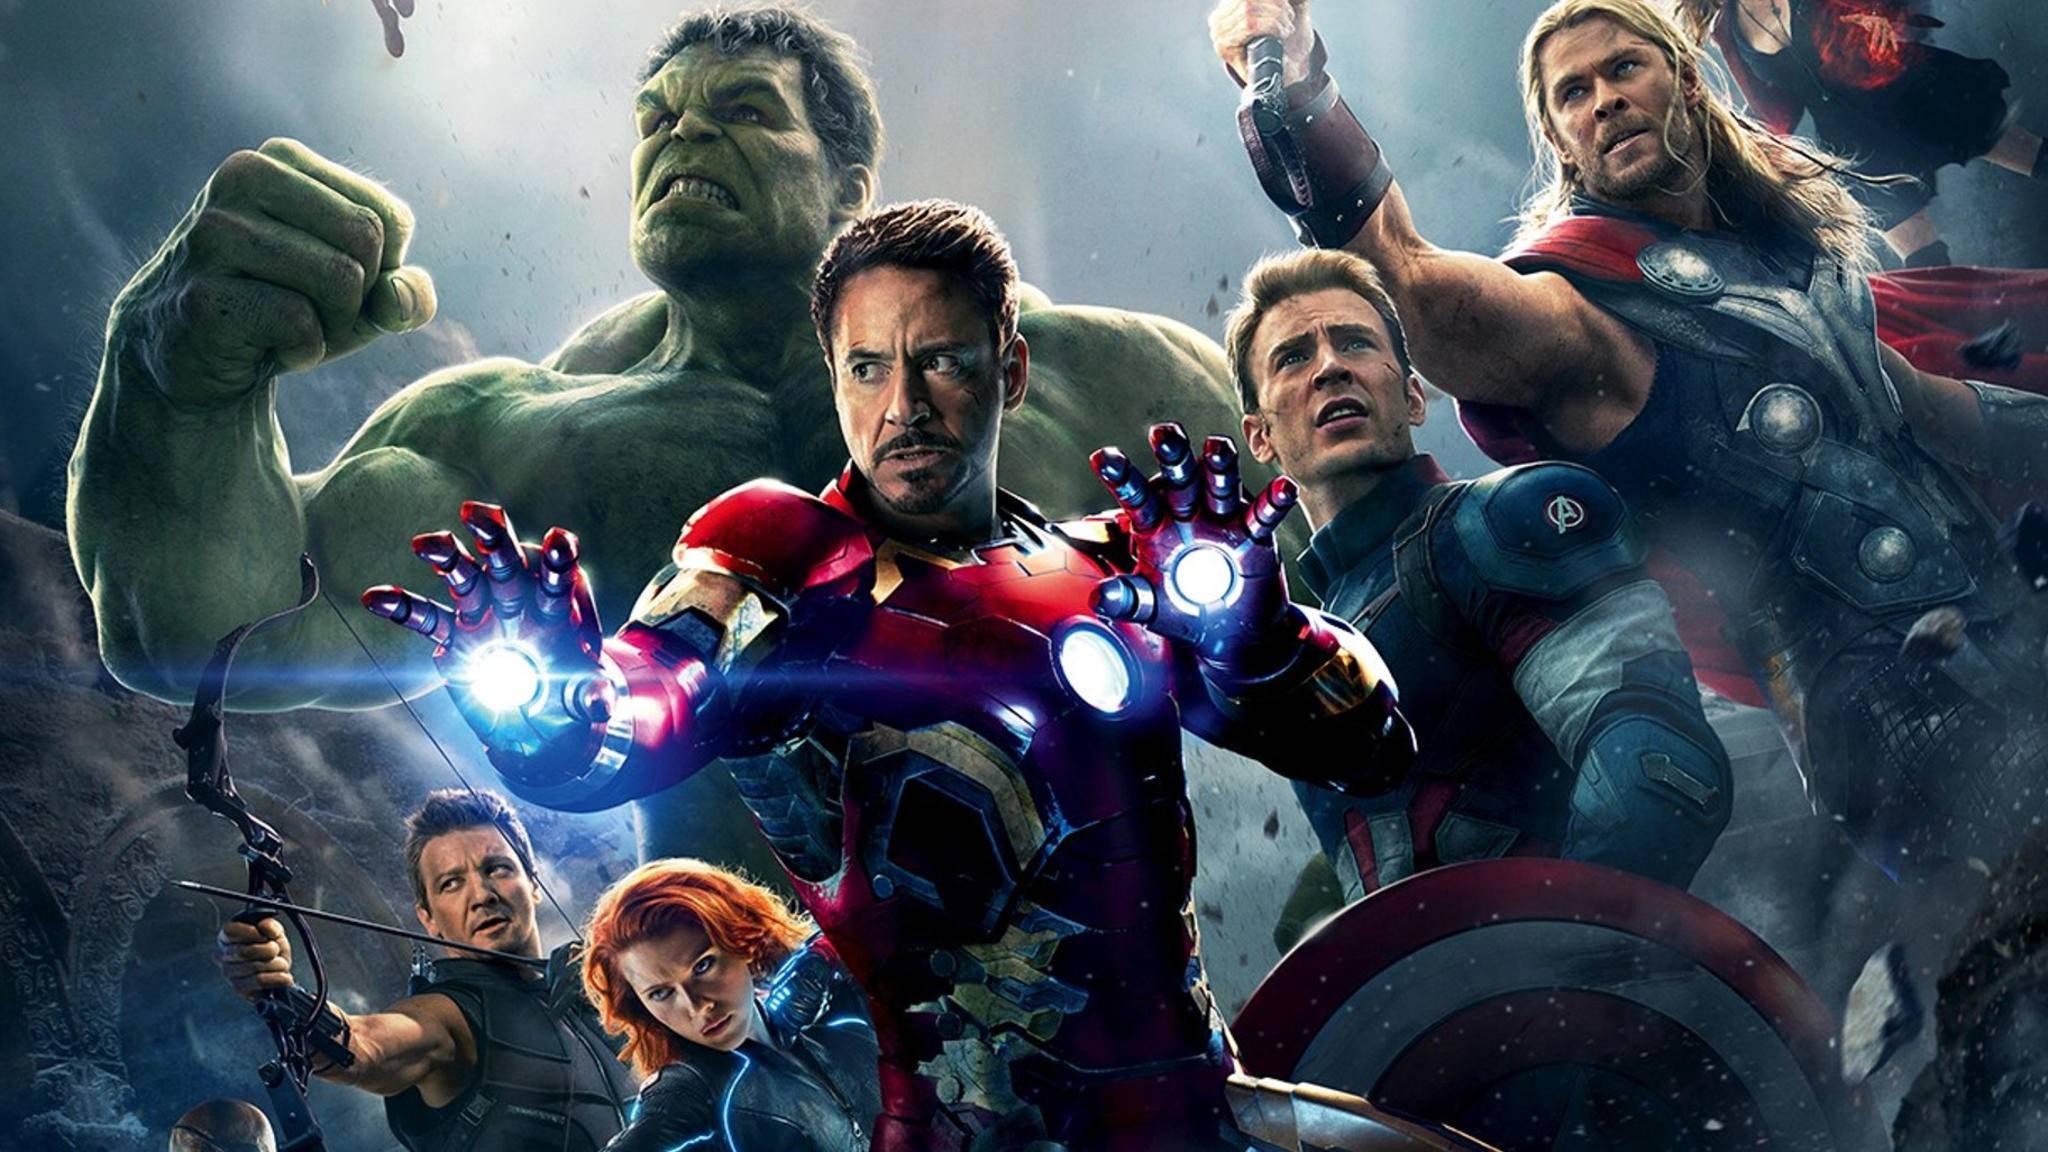 """Nicht nur die Avengers werden langsam ungeduldig, auch die Fans wollen endlich den ersten Trailer zu """"The Avengers: Infinity War"""" sehen."""